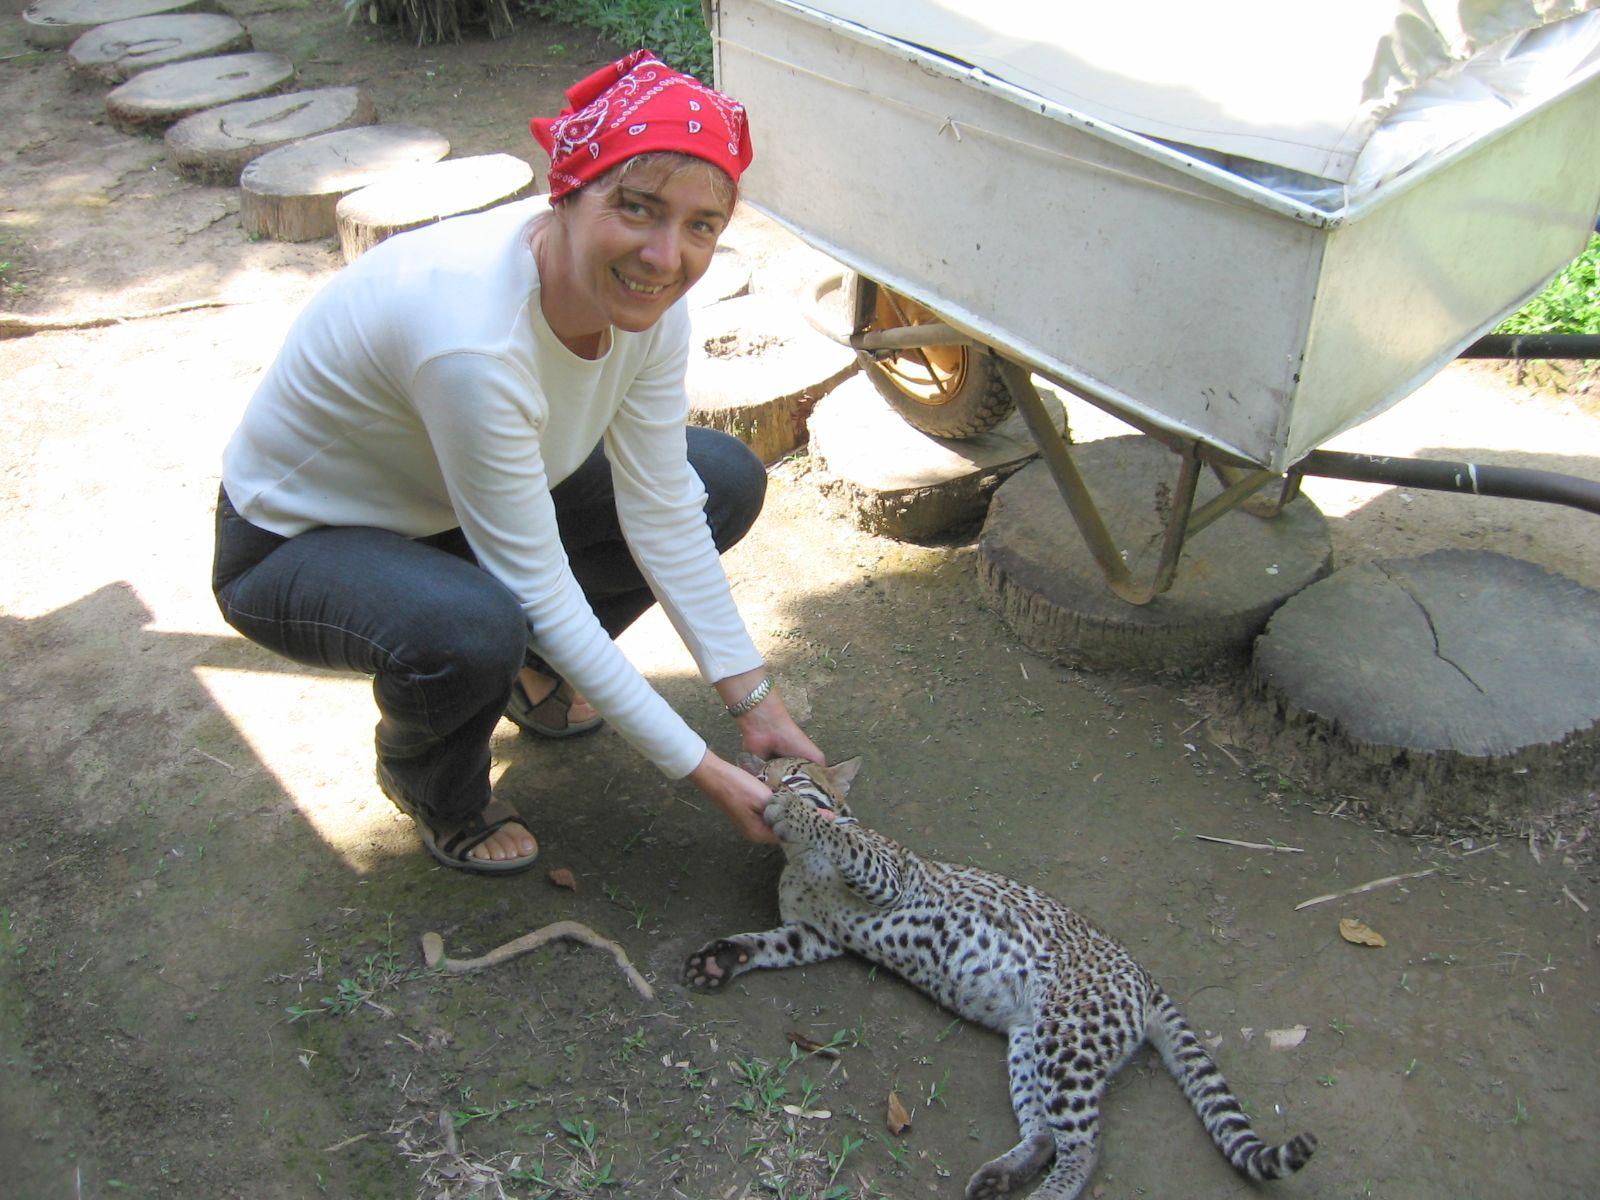 Peru - Madre de Dios. A lodge ocelot macskájával. Fotó: papp Éva